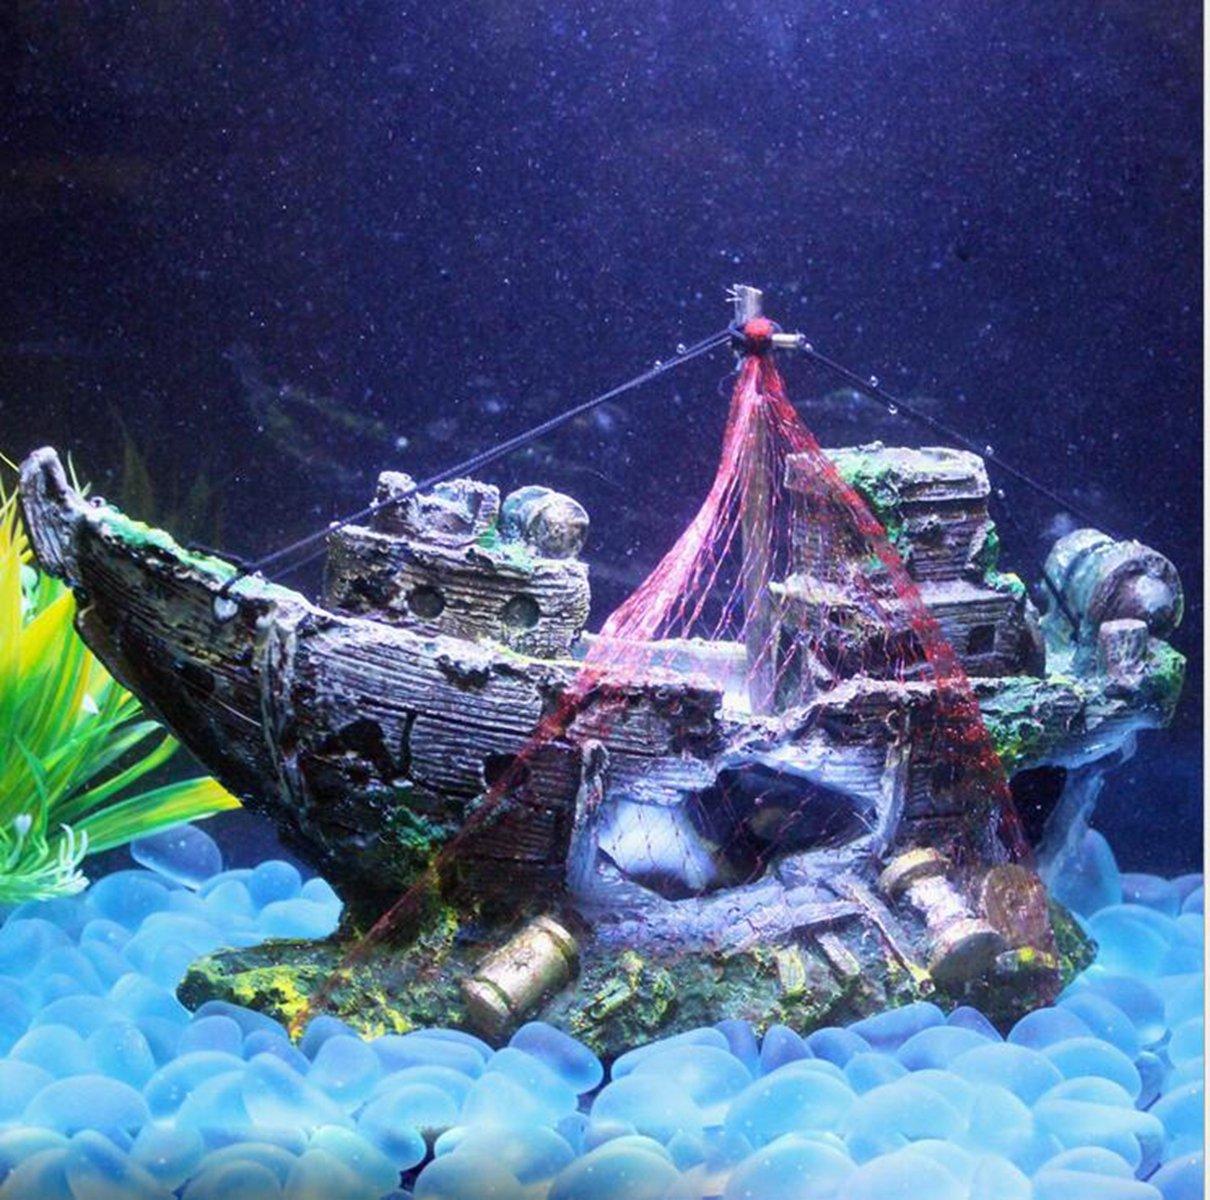 M2cbridge aquarium fish tank shipwreck decoration pirate for Aquarium decoration ship